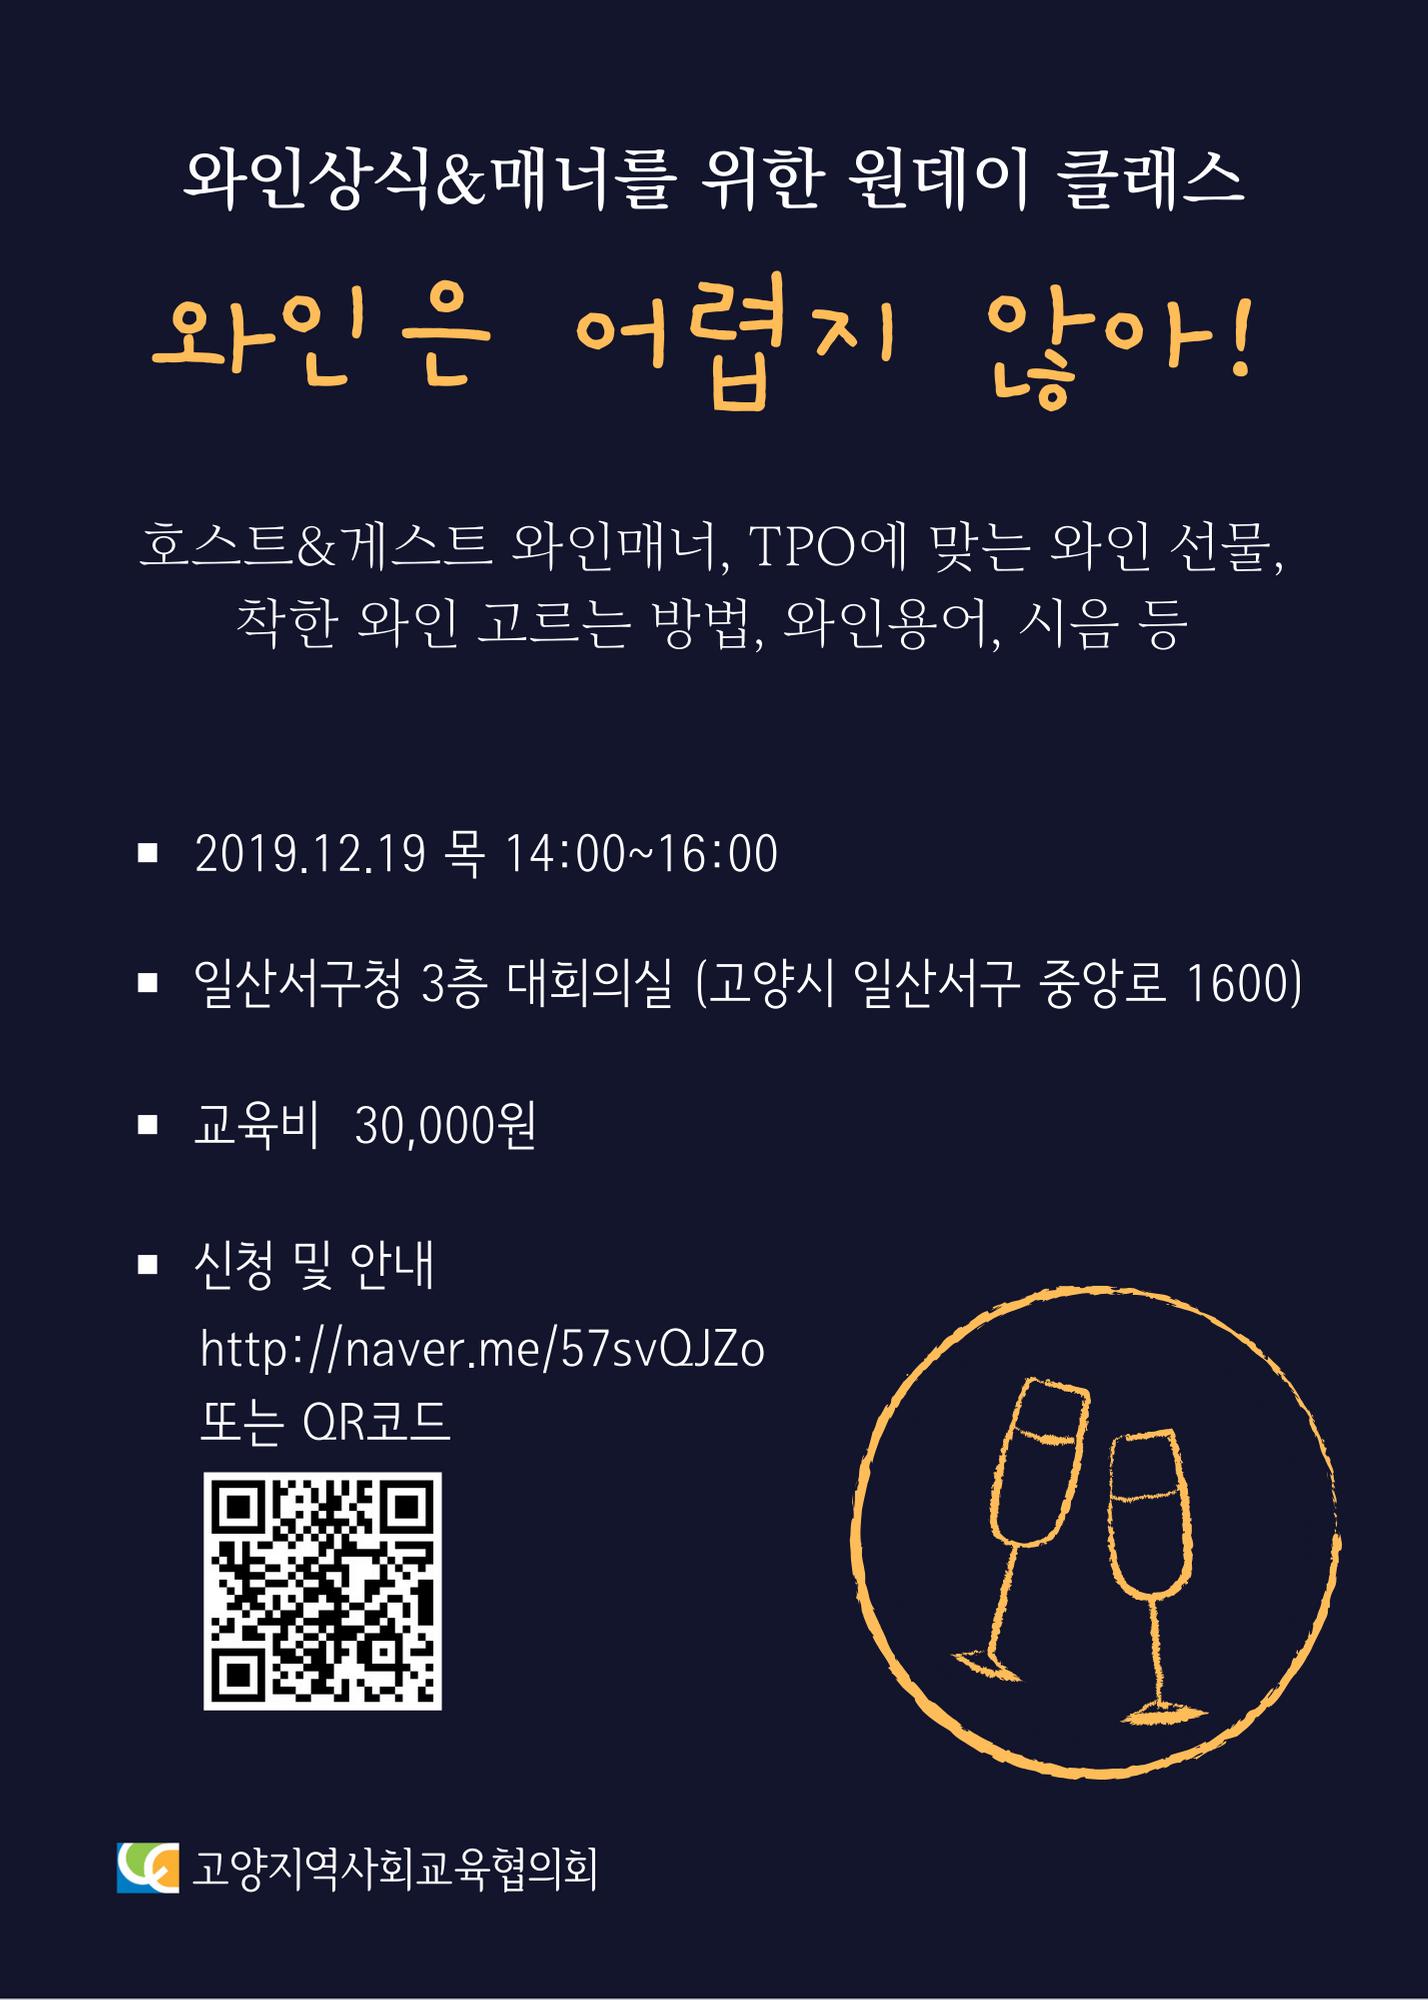 와인_검정배경.png